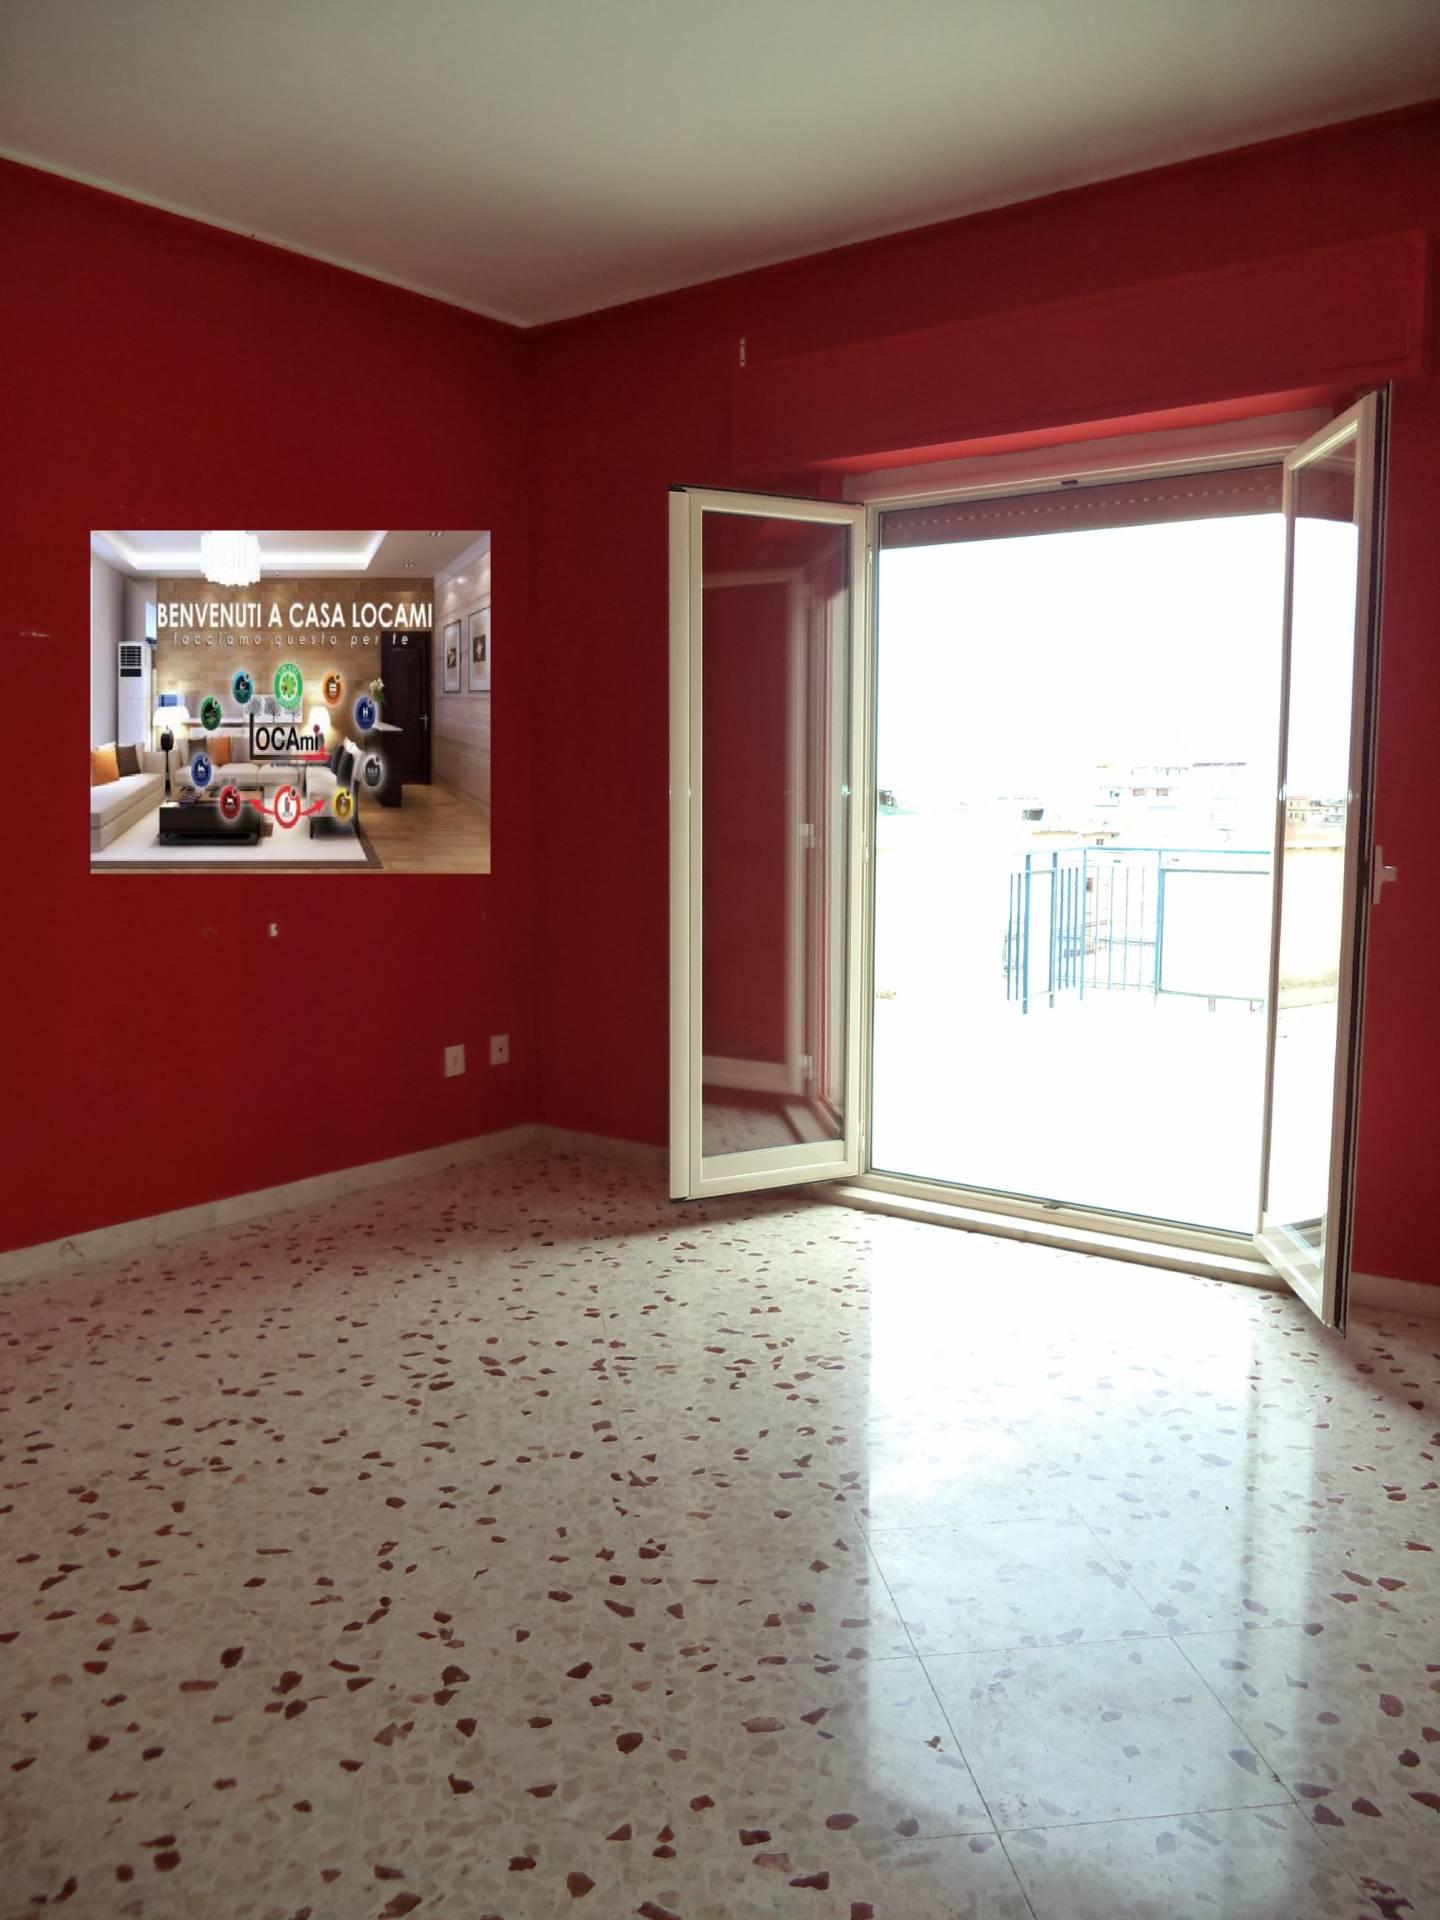 APPARTAMENTO in Affitto a Oreto, Palermo (PALERMO)